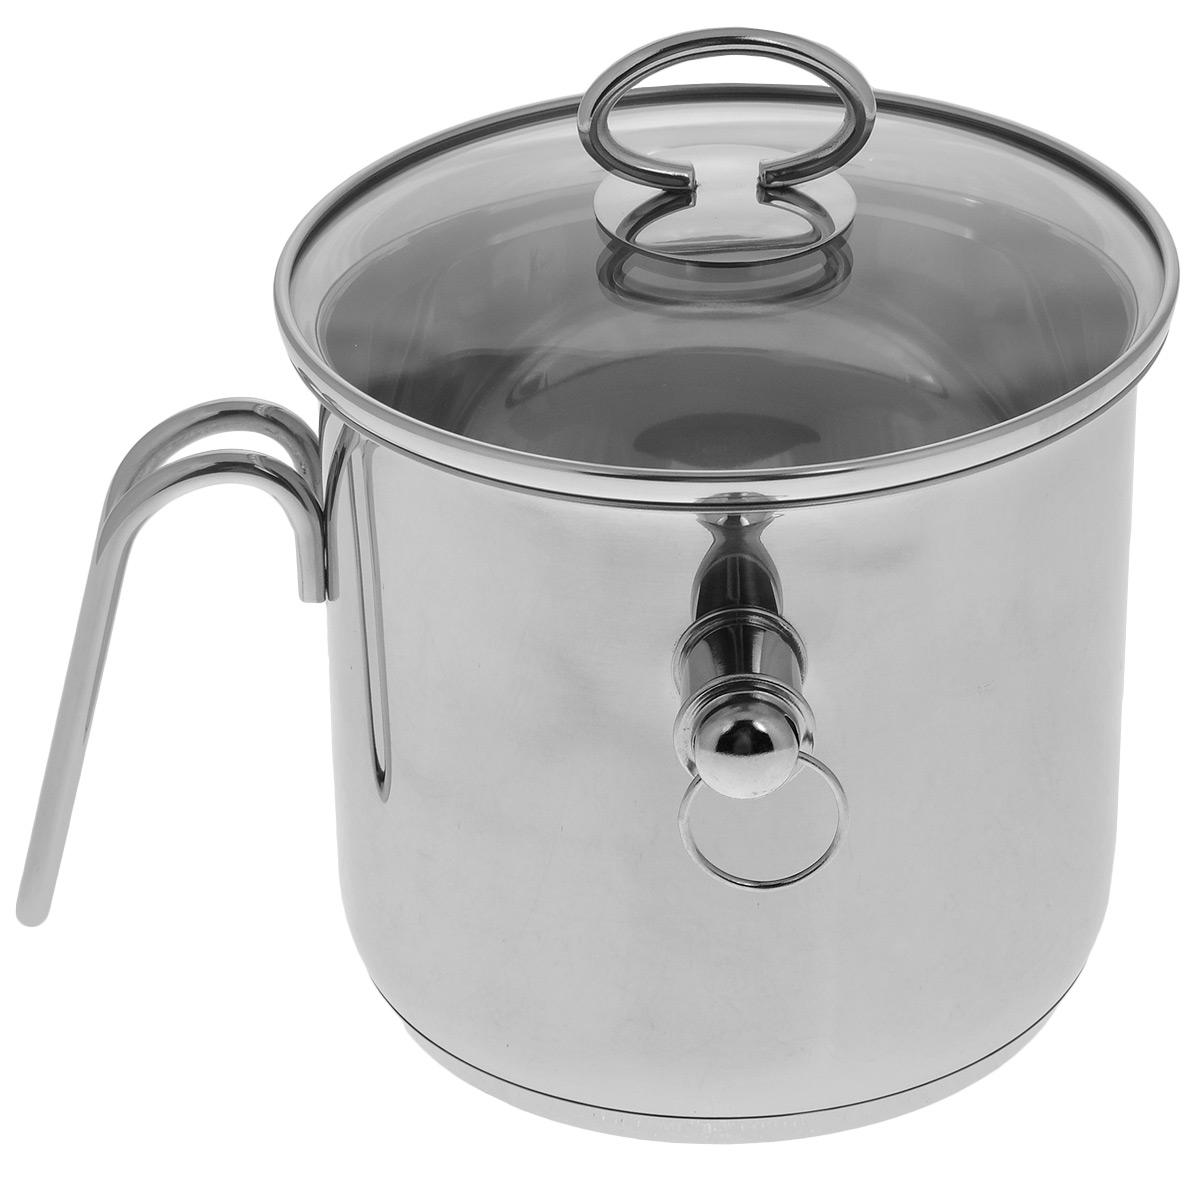 Молоковарка TimA с крышкой, со свистком, 2 лG-16КМолоковарка TimA изготовлена из высококачественной нержавеющей стали марки 18/10. Внешние стенки обладают зеркальным блеском. Молоковарка имеет двойные стенки, между которыми заливается вода. Это исключает подгорание любого продукта. Например, кашу можно готовить без помешивания, так как она никогда не пригорит и не выползет, а молоко не убежит. В такой посуде можно готовить без помешивания любые соусы, кремы, заваривать травяные настои, топить шоколад, мед, масло. Съемный свисток громко известит о закипании жидкости внутри молоковарки. Изделие оснащено ручкой из нержавеющей стали эргономичной формы, которая надежно крепится к стенке, и стеклянной крышкой. Можно использовать на всех видах кухонных плит - электрических, газовых, со стеклянными и керамическими поверхностями, в том числе и на индукционных. Можно мыть в посудомоечной машине. Высота стенки: 15 см. Толщина стенки: 6 мм. Диаметр (по верхнему краю): 16 см.